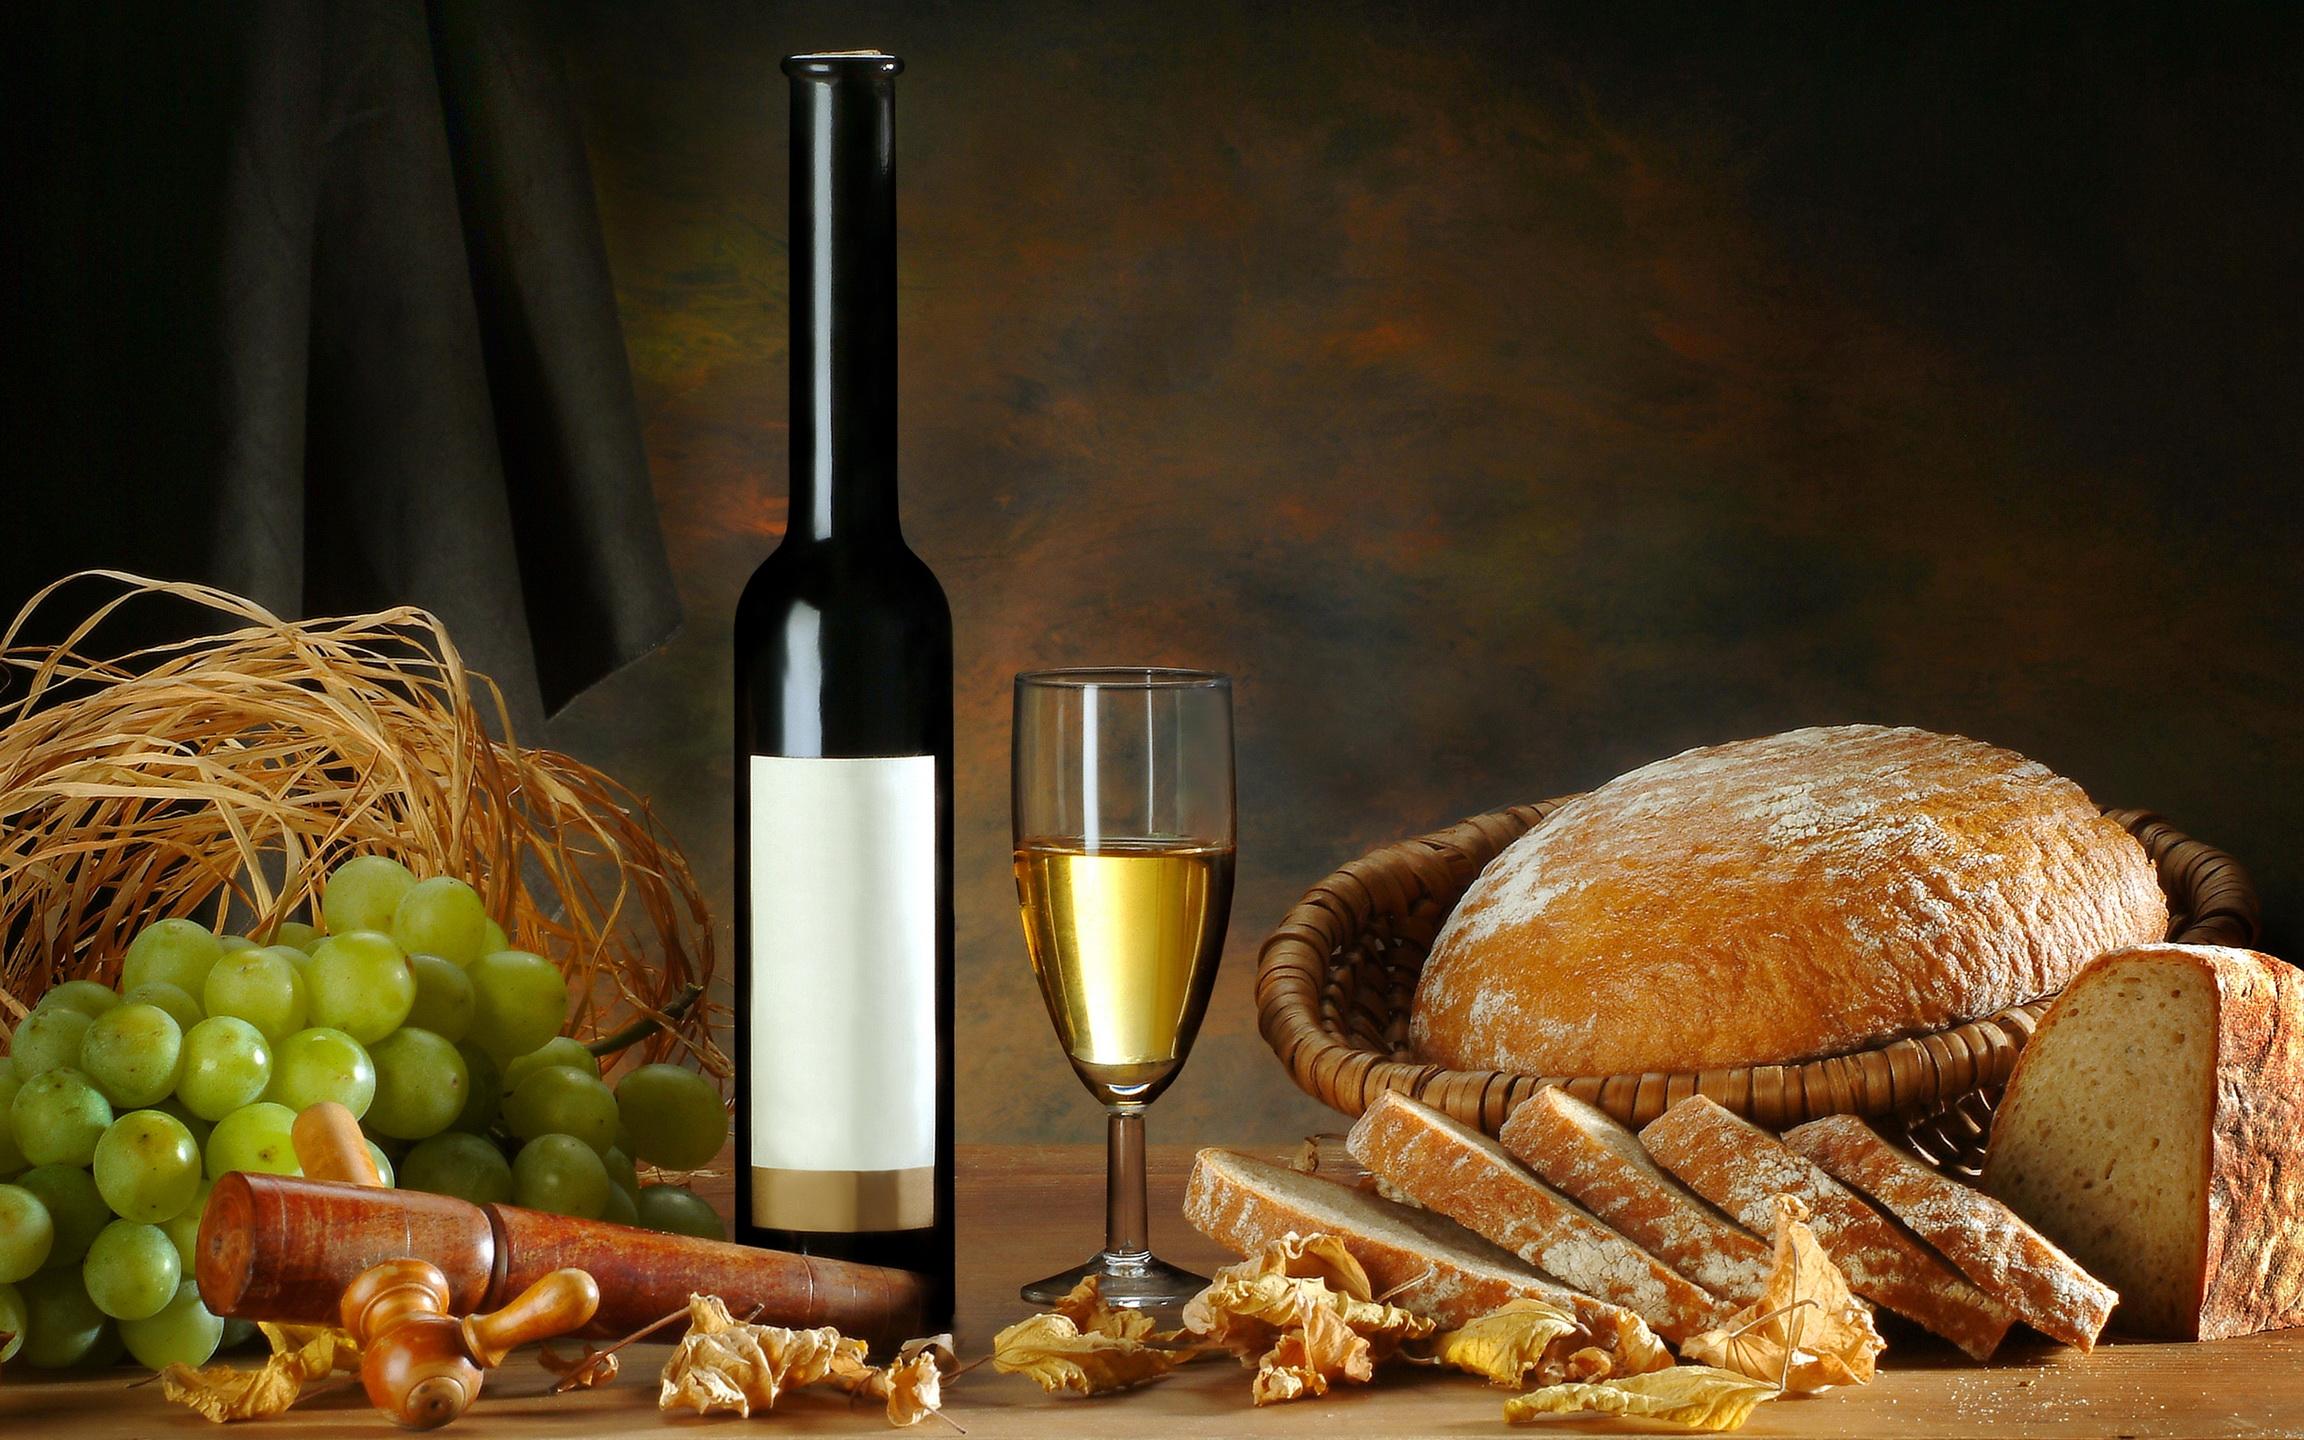 коллекция вин загрузить